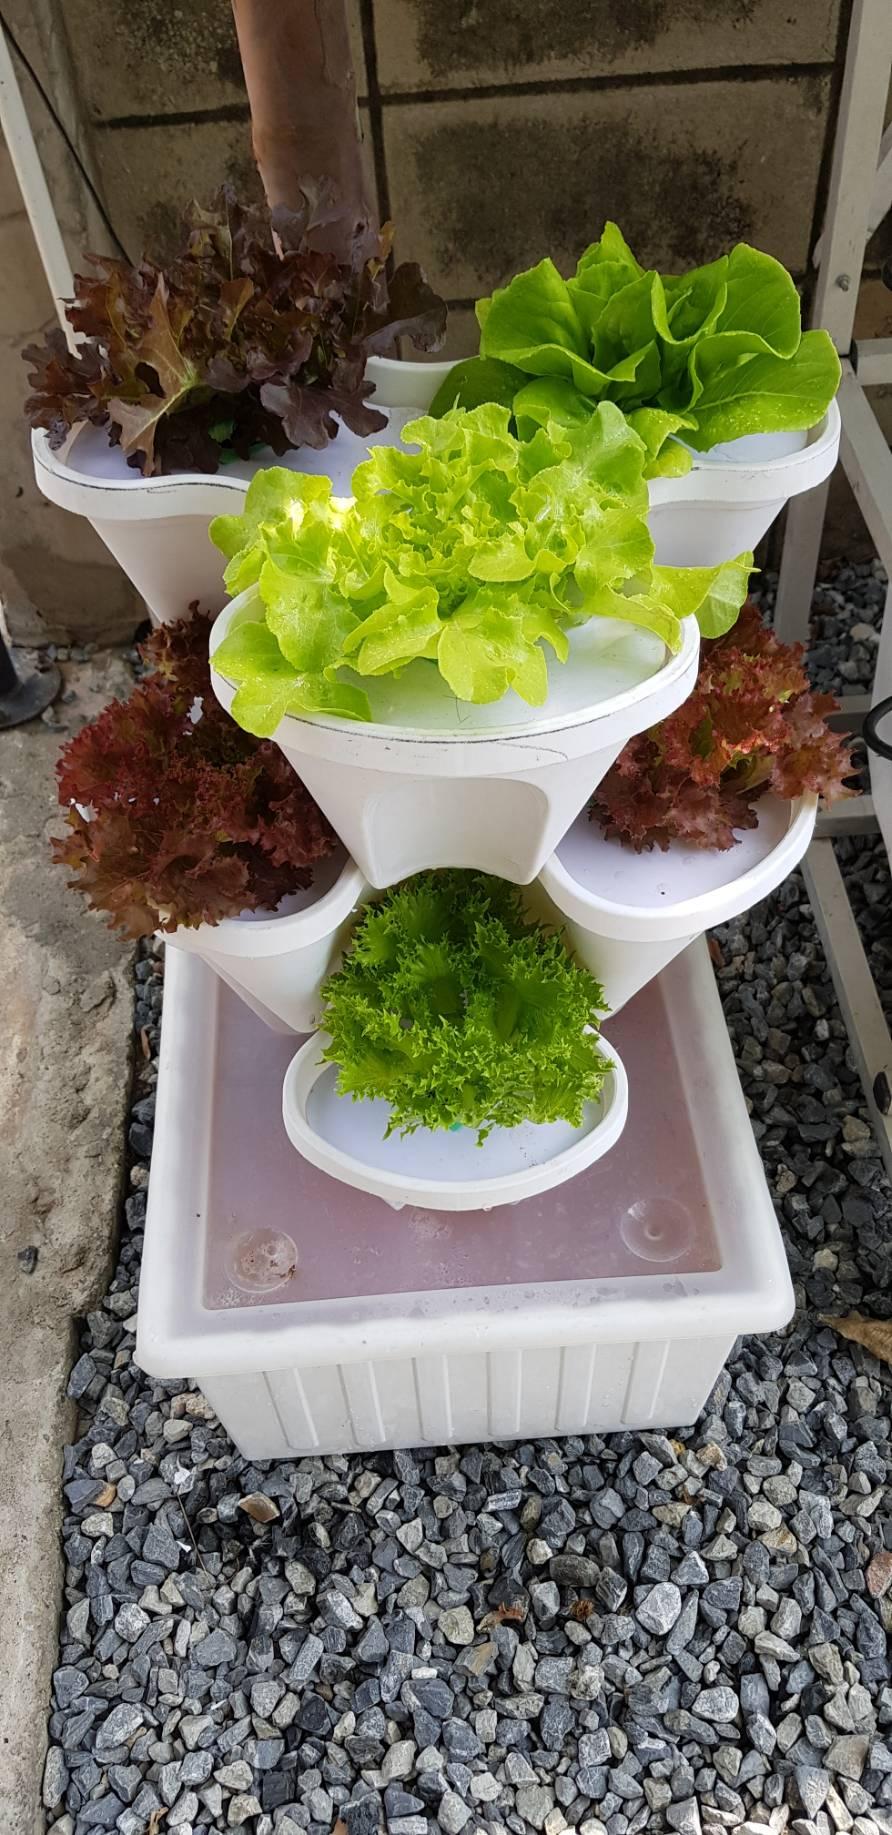 ชุดดอกไม้ FS ดีไซน์สวย ประหยัดพื้นที่ สะอาด ไม่ต้องรดน้ำ